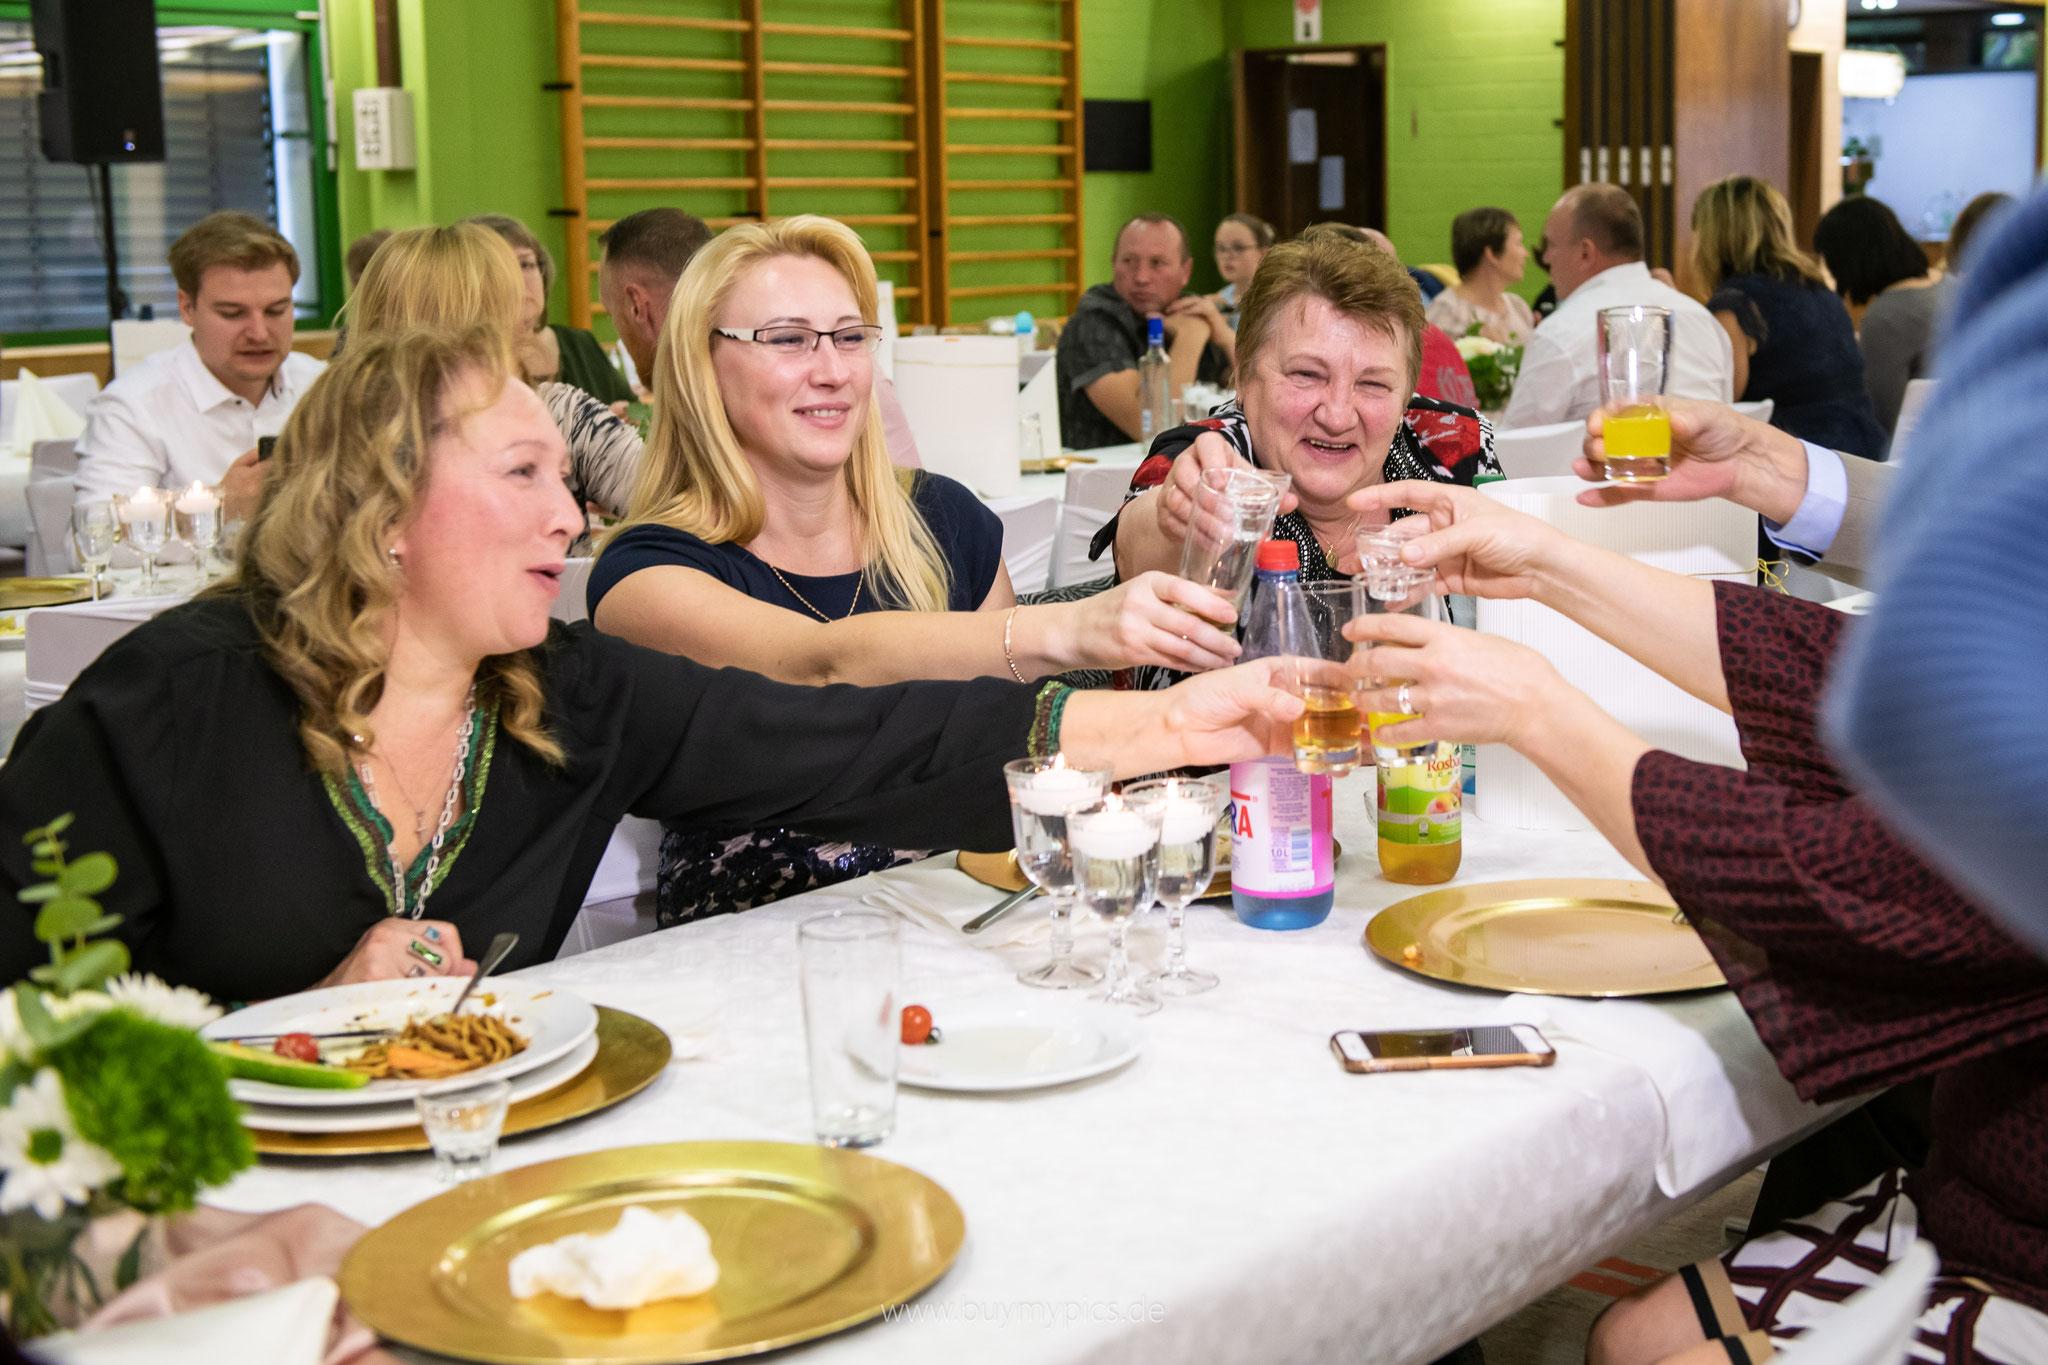 Partyfotograf für deutsch- russisches Geburtstag, Feier in Greifenstein und Umgebung